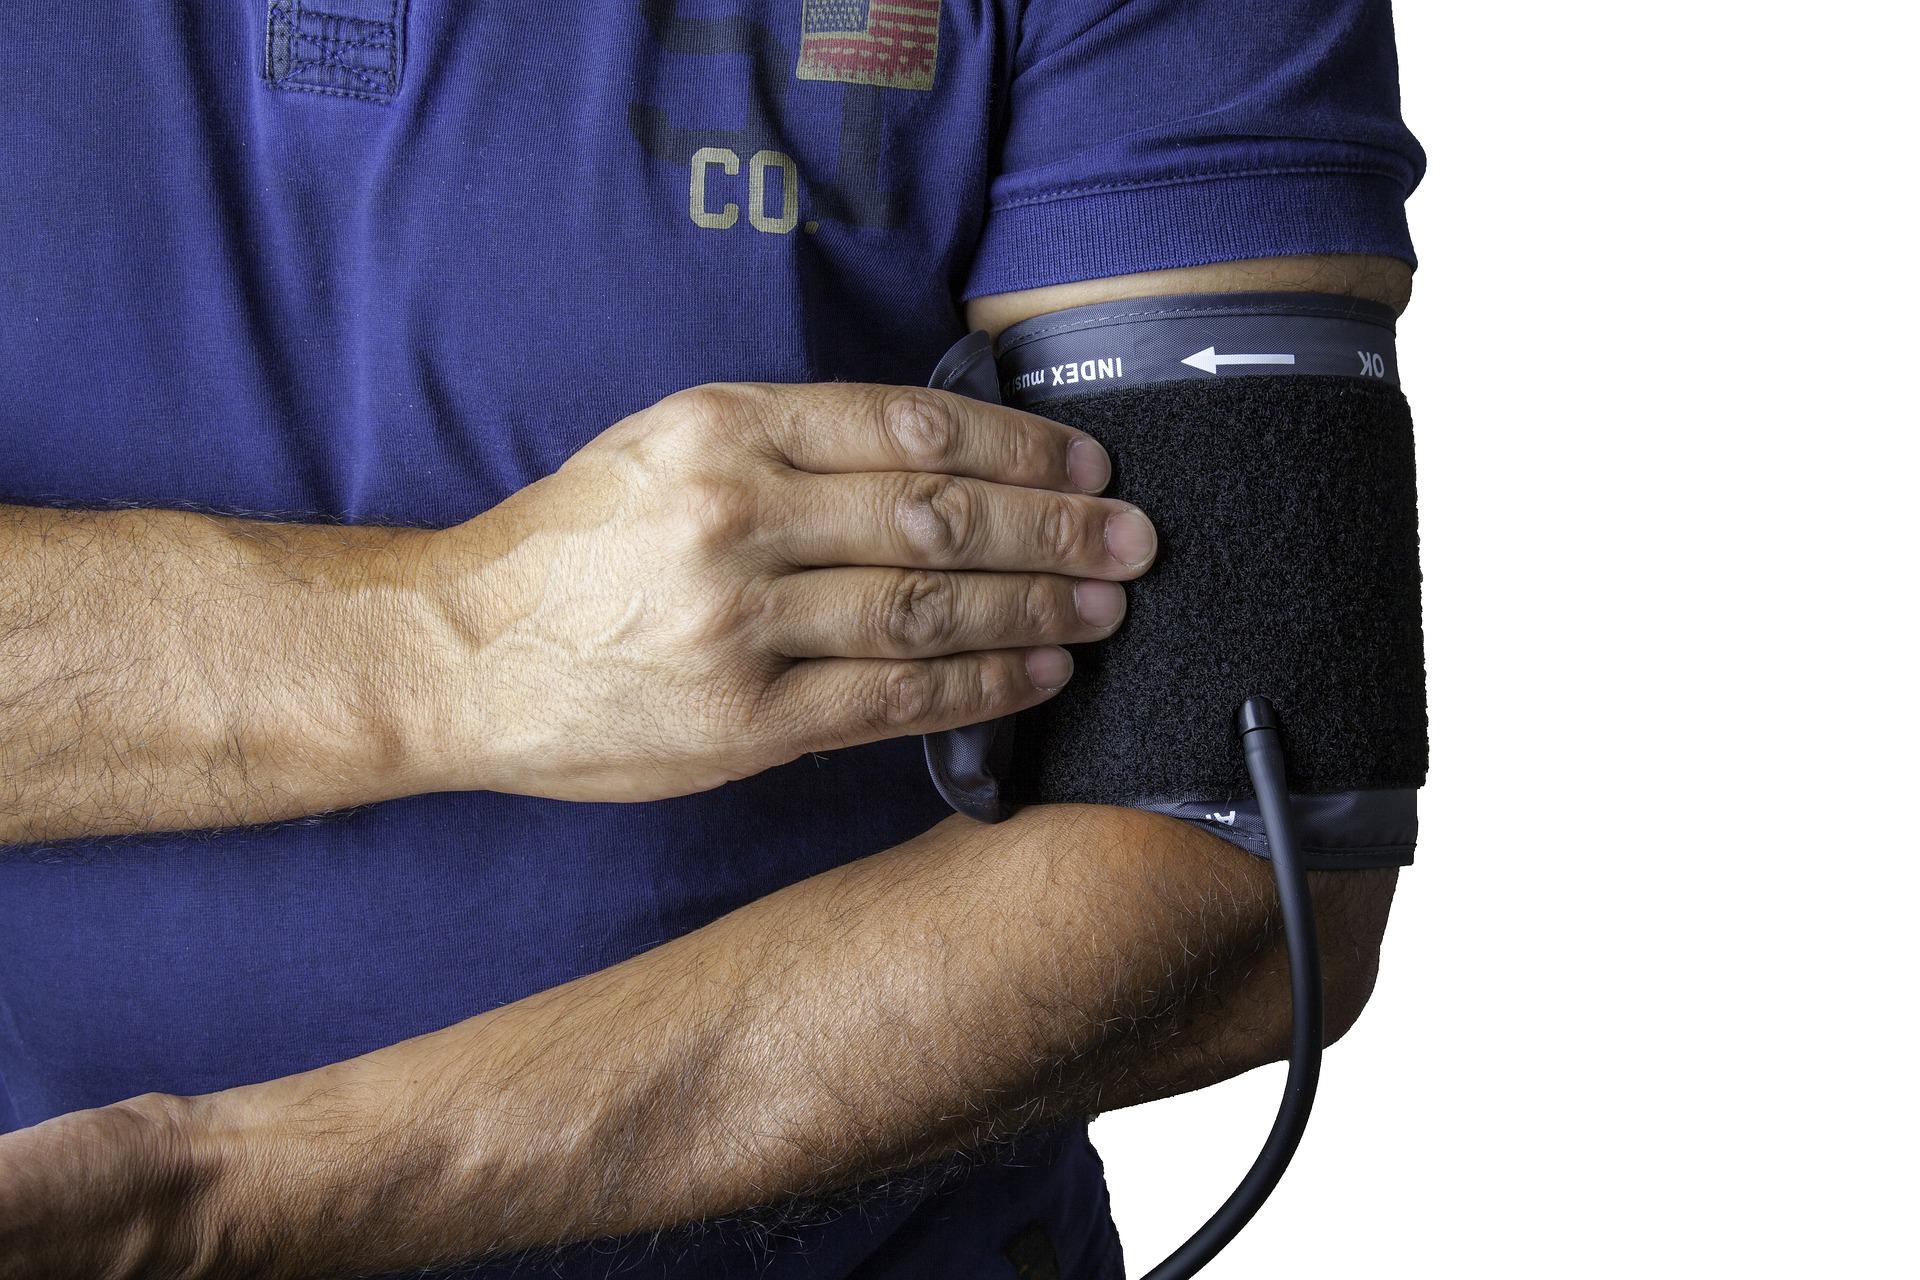 mi a hipertónia veszélye és milyen segítség a magas vérnyomás pszichológiai oka